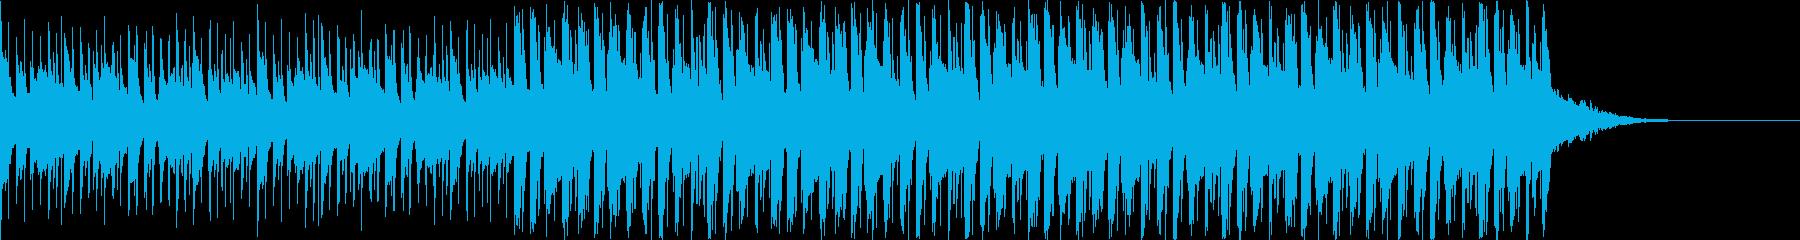 Pf「展望」和風現代ジャズの再生済みの波形